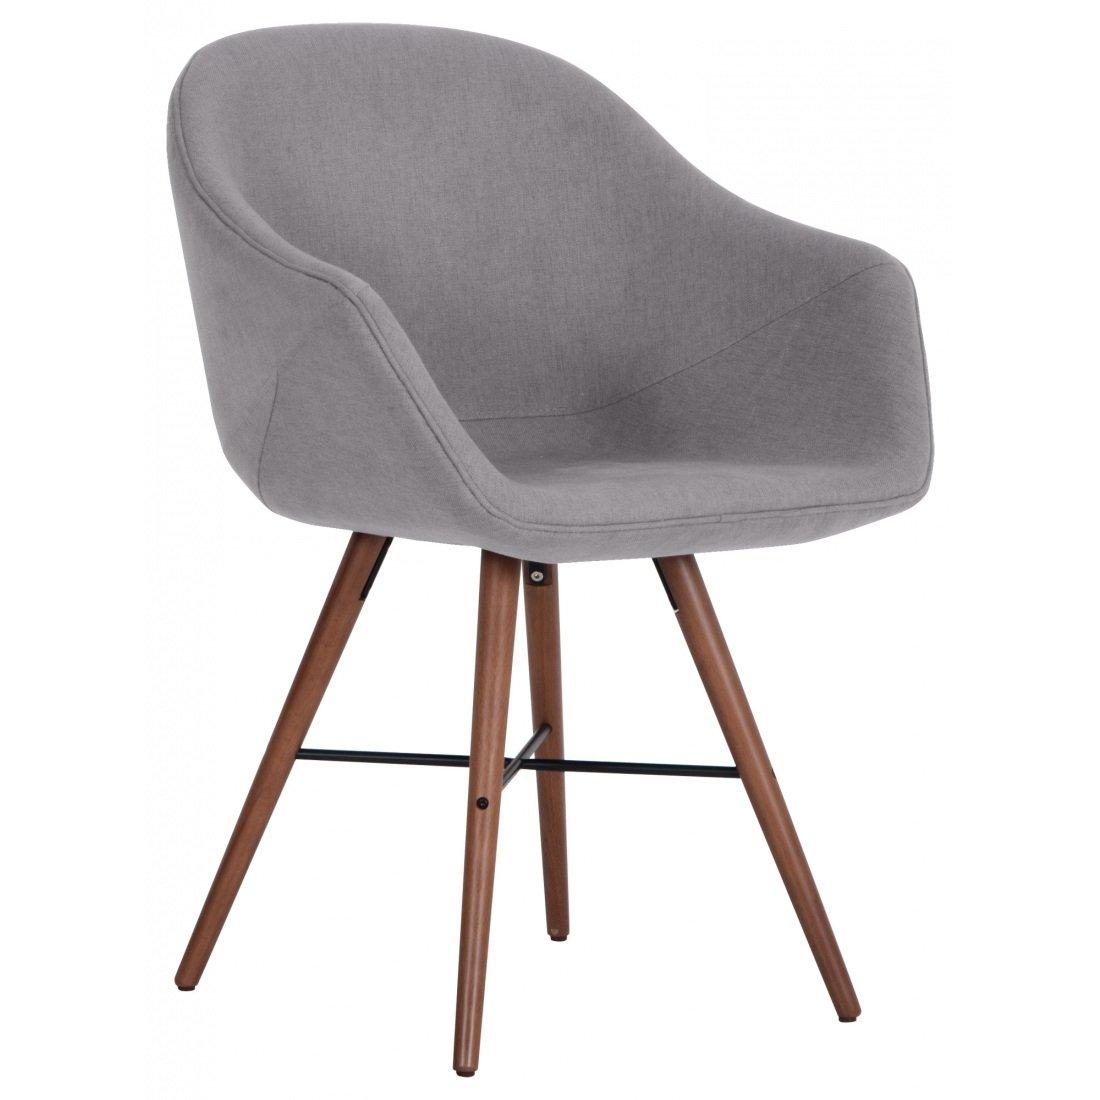 Esszimmerstuhl Grau Stuhl Stühle Küchenstühle Essgruppe: Amazon.de ...